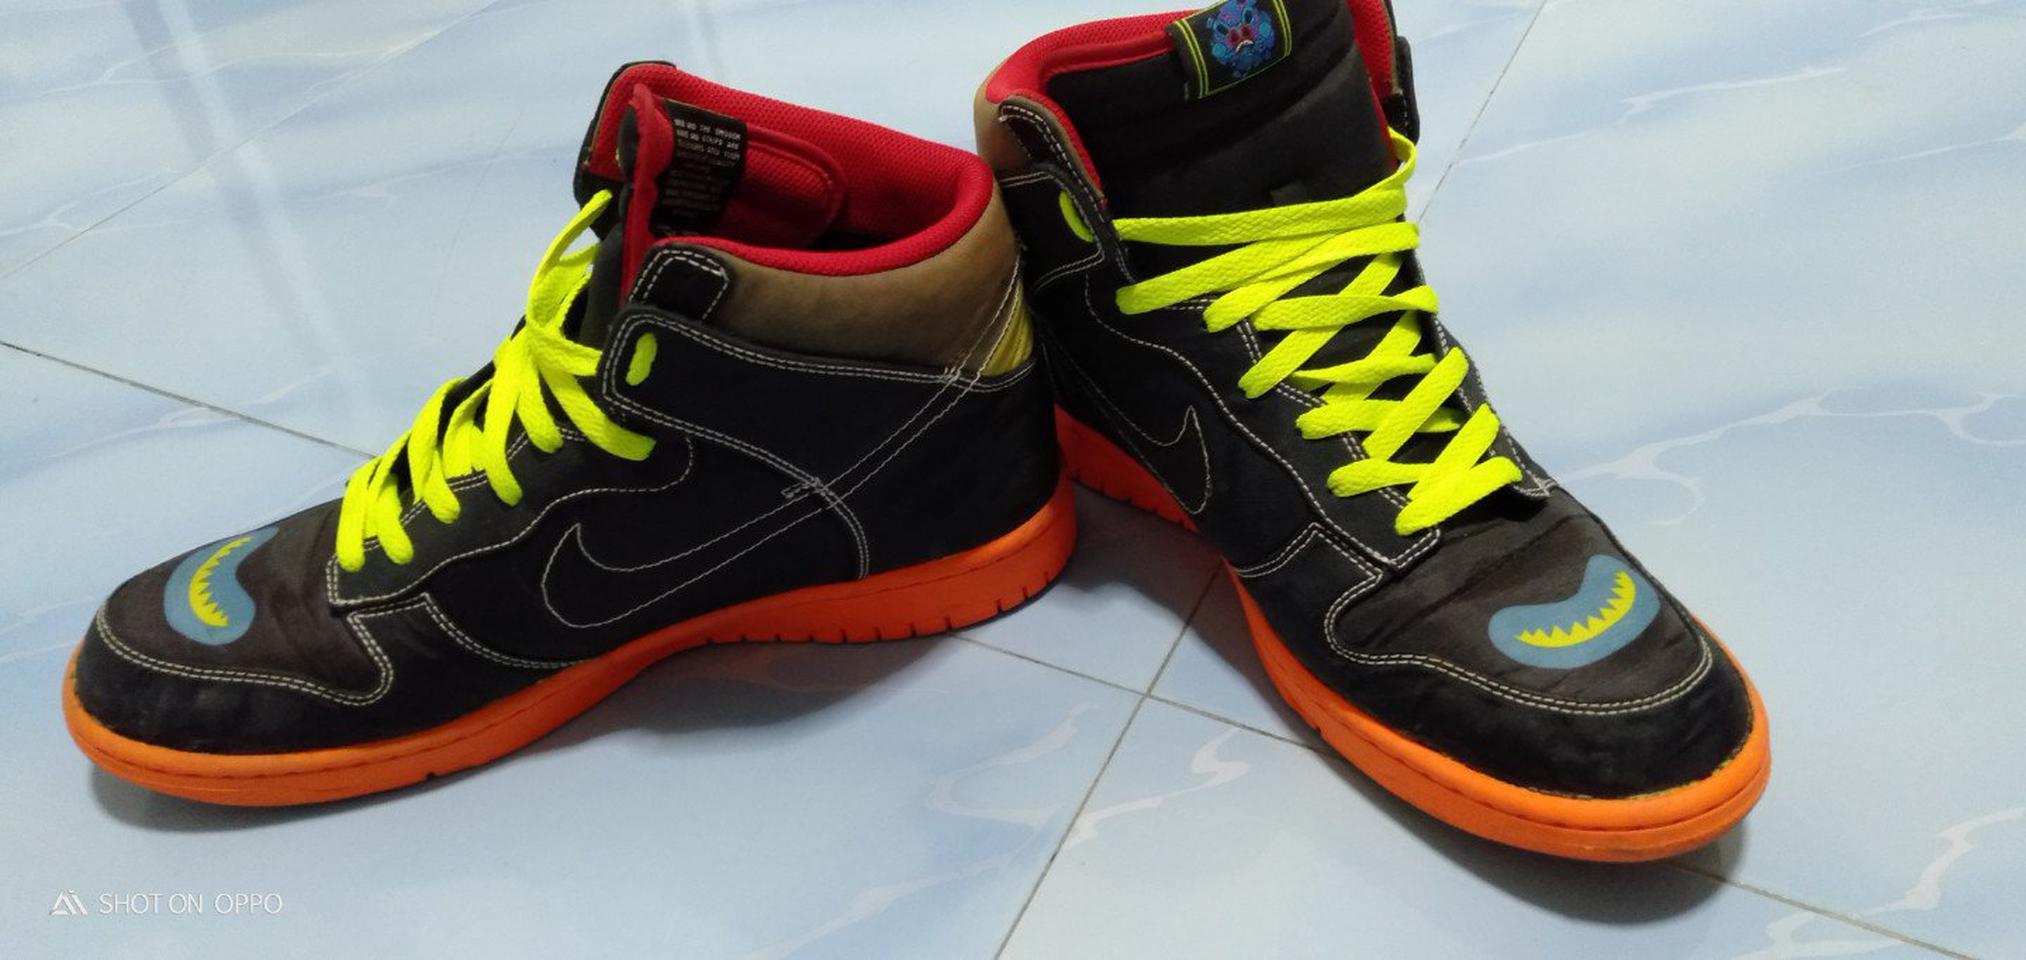 รองเท้า Nike ผู้ชาย รูปที่ 1